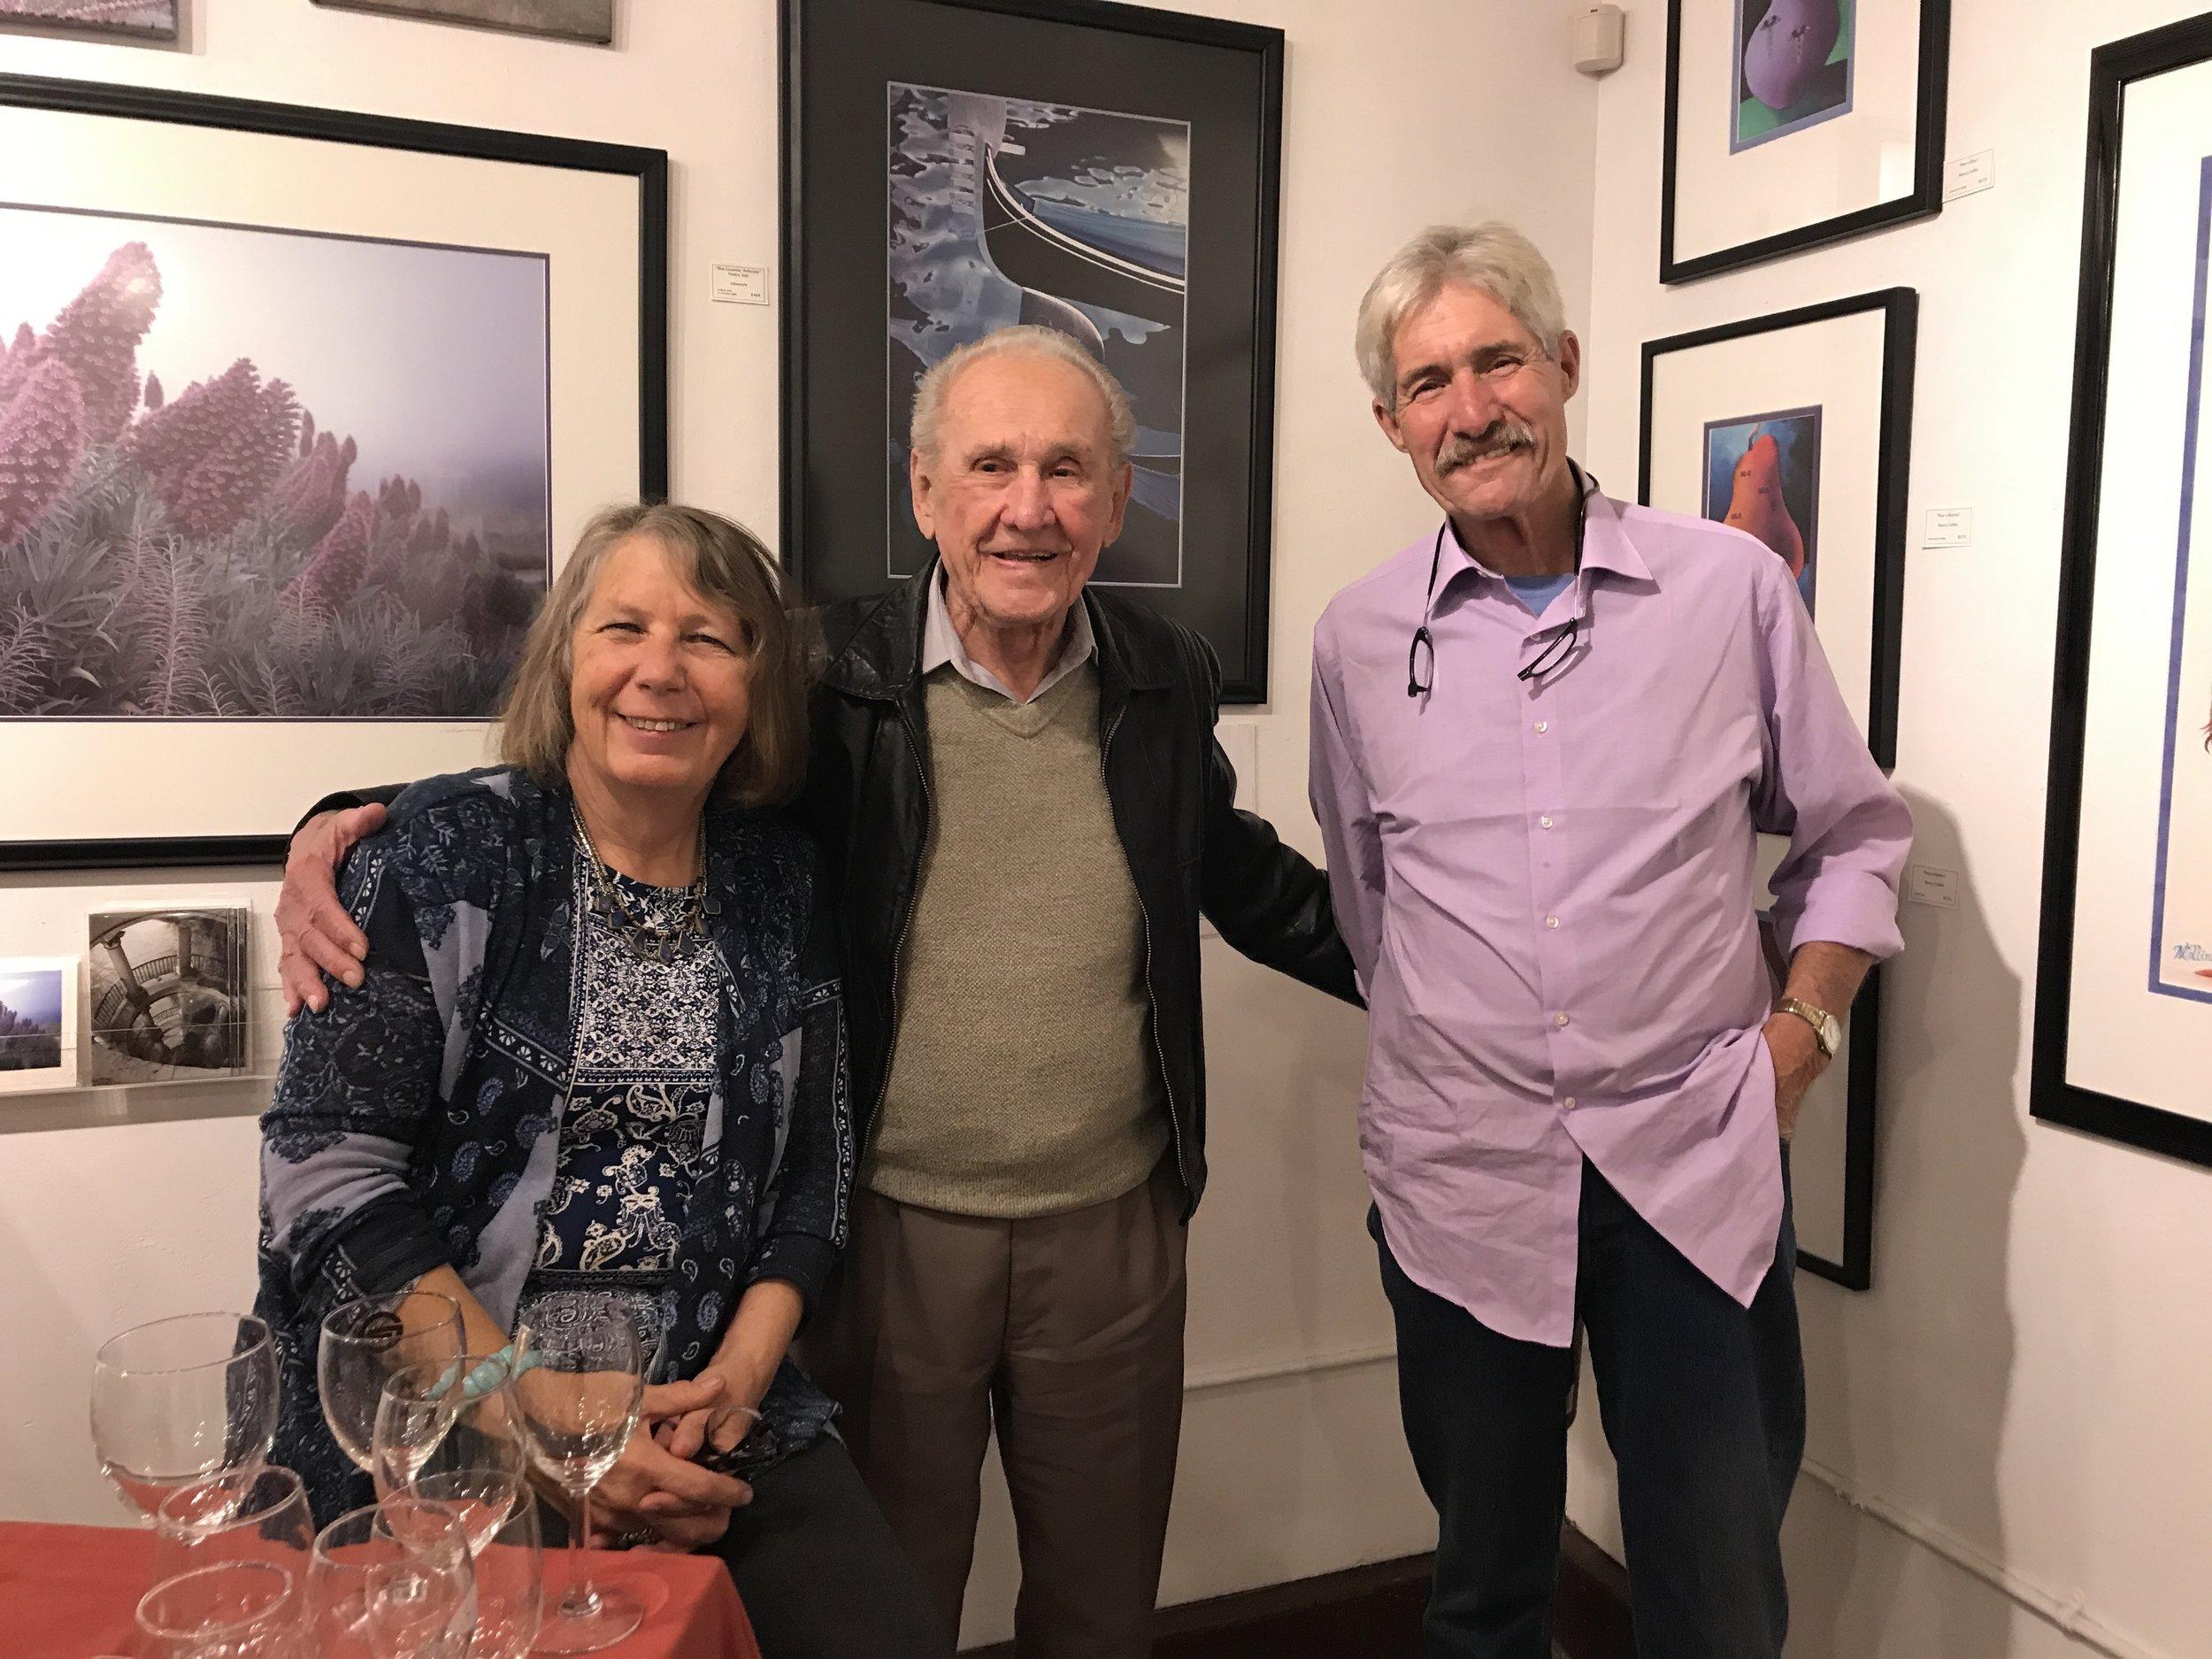 Laura Corben (EG artist) and dear gallery friends